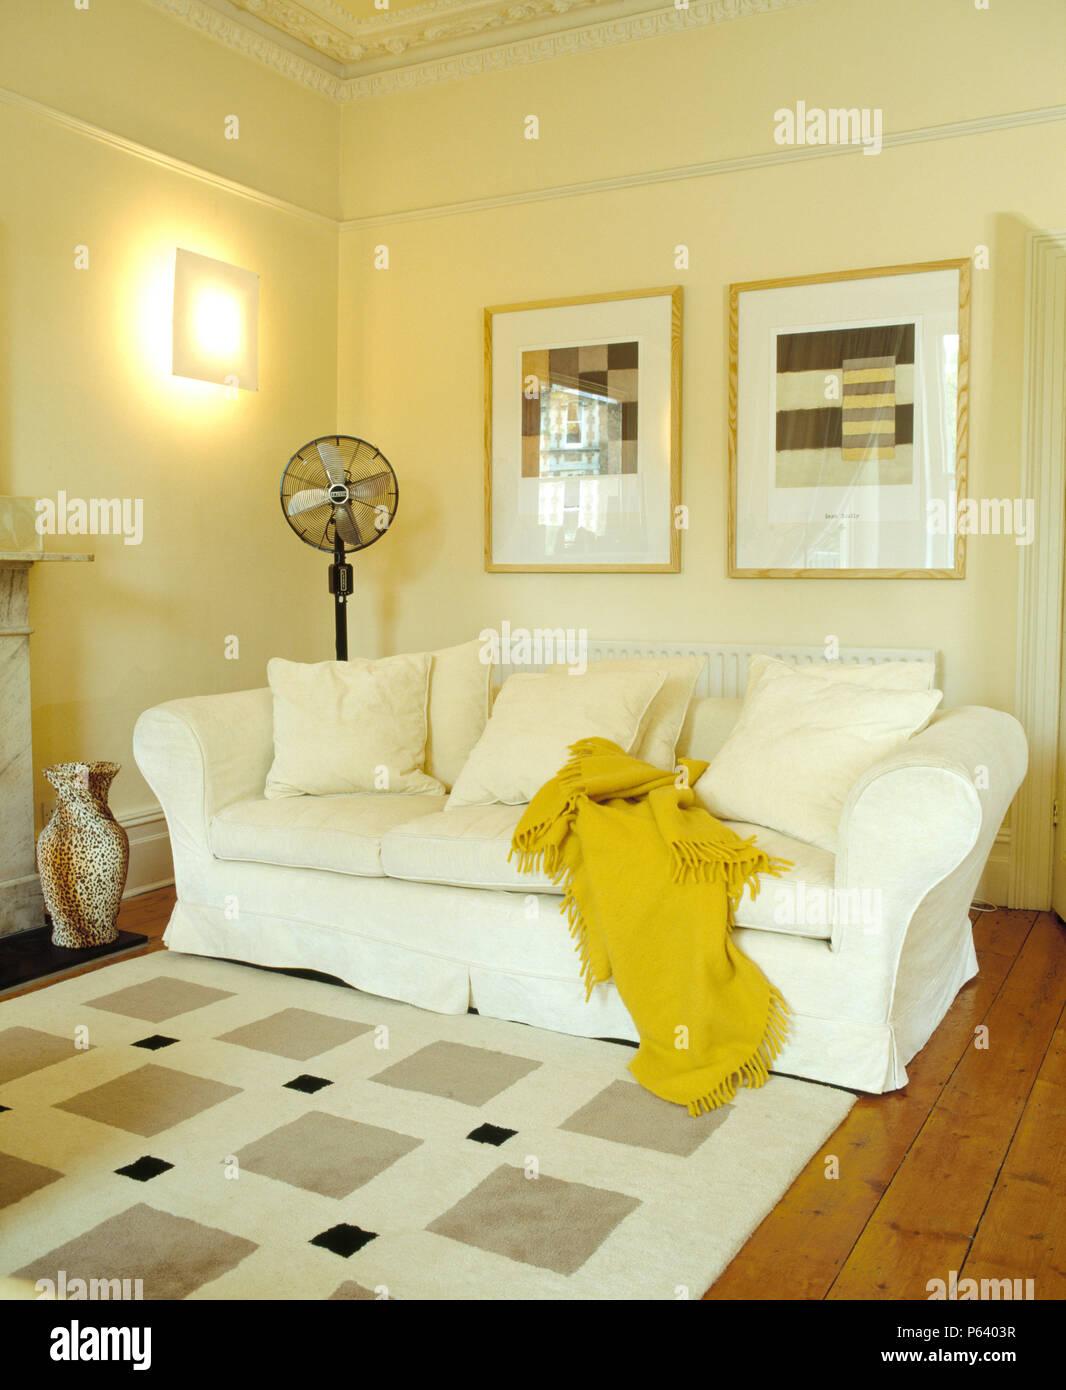 Foto sopra divano bianco con lana di colore giallo buttare nel ...